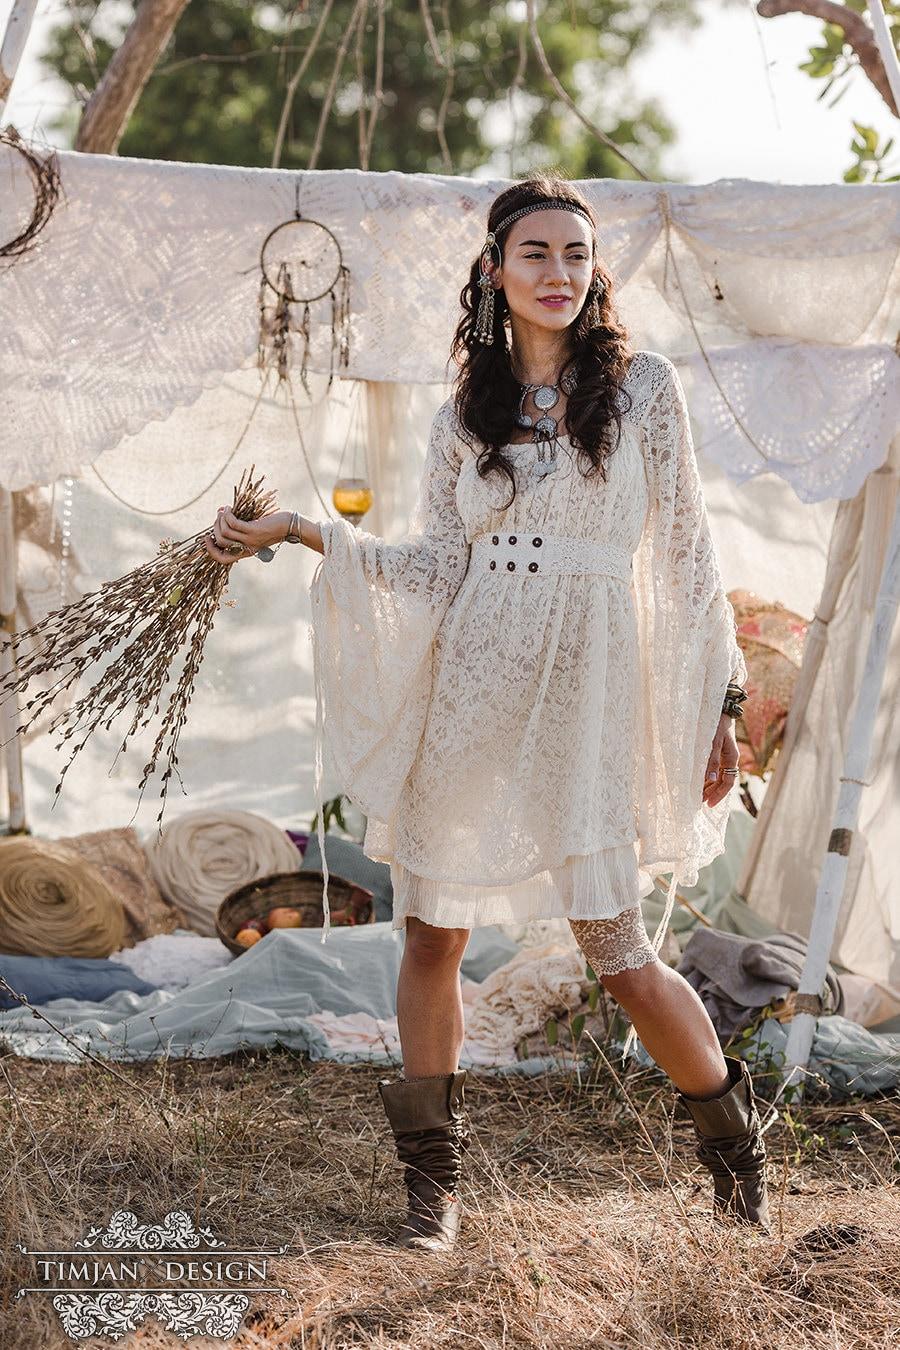 EMPRESS BOHEMIAN DRESS Lace Hippie Boho Wedding Bride | Etsy Lace Hippie Wedding Dress